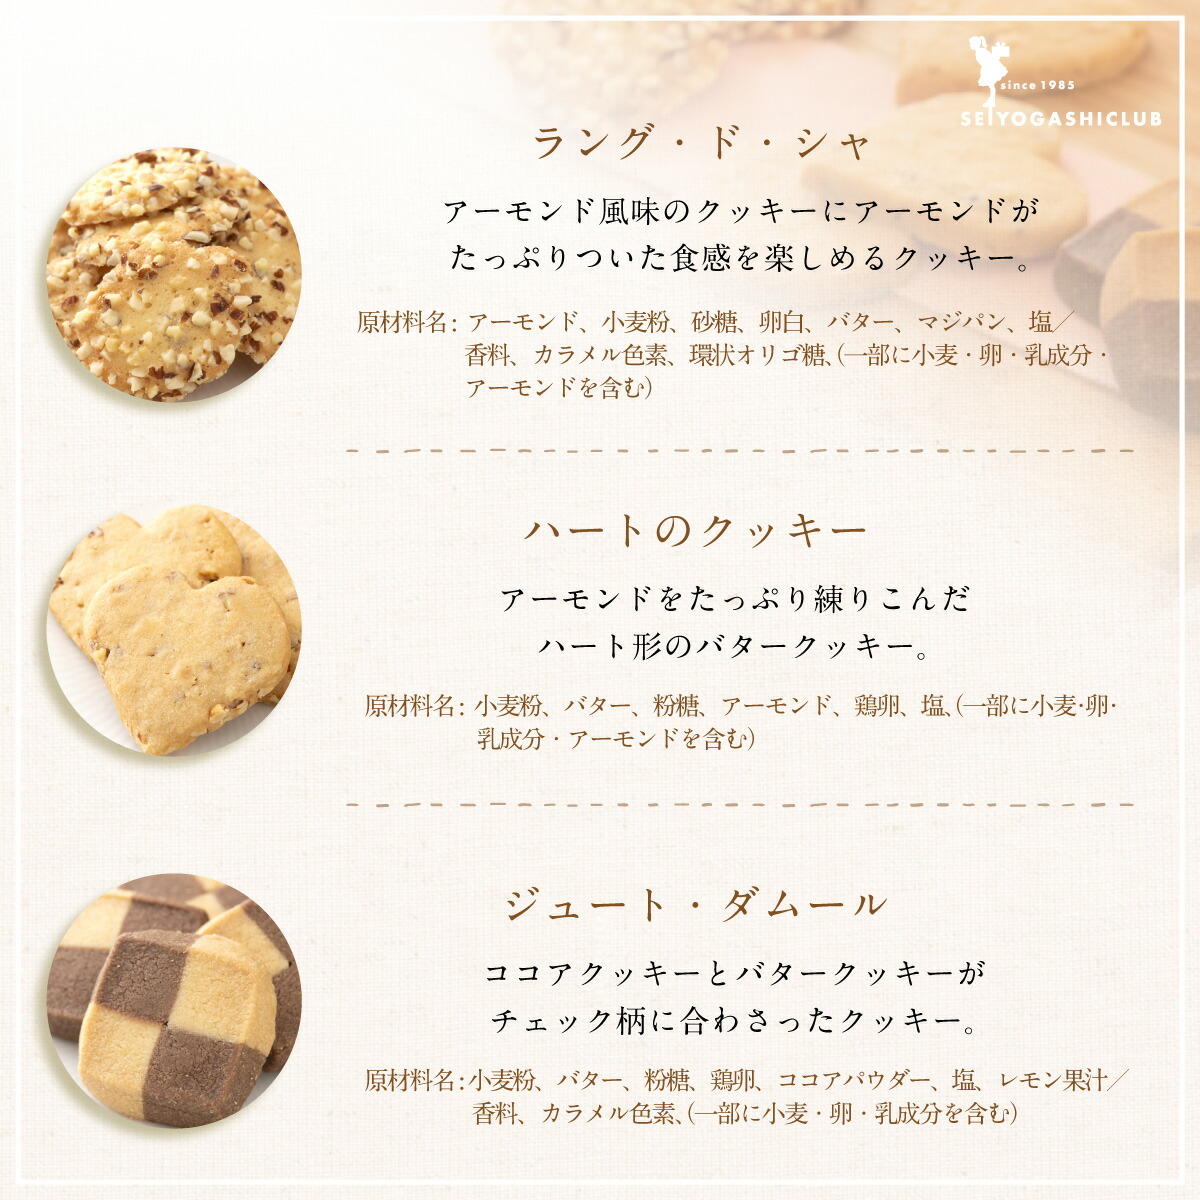 ラング・ド・シャは、アーモンド風味のクッキーにアーモンドがたっぷりついた食感を楽しめるクッキー。ハートのクッキーは、アーモンドをたっぷり練り込んだハート形のバタークッキー。ジュート・ダムールは、ココアクッキーとバタークッキがチェック柄に合わさったクッキー。